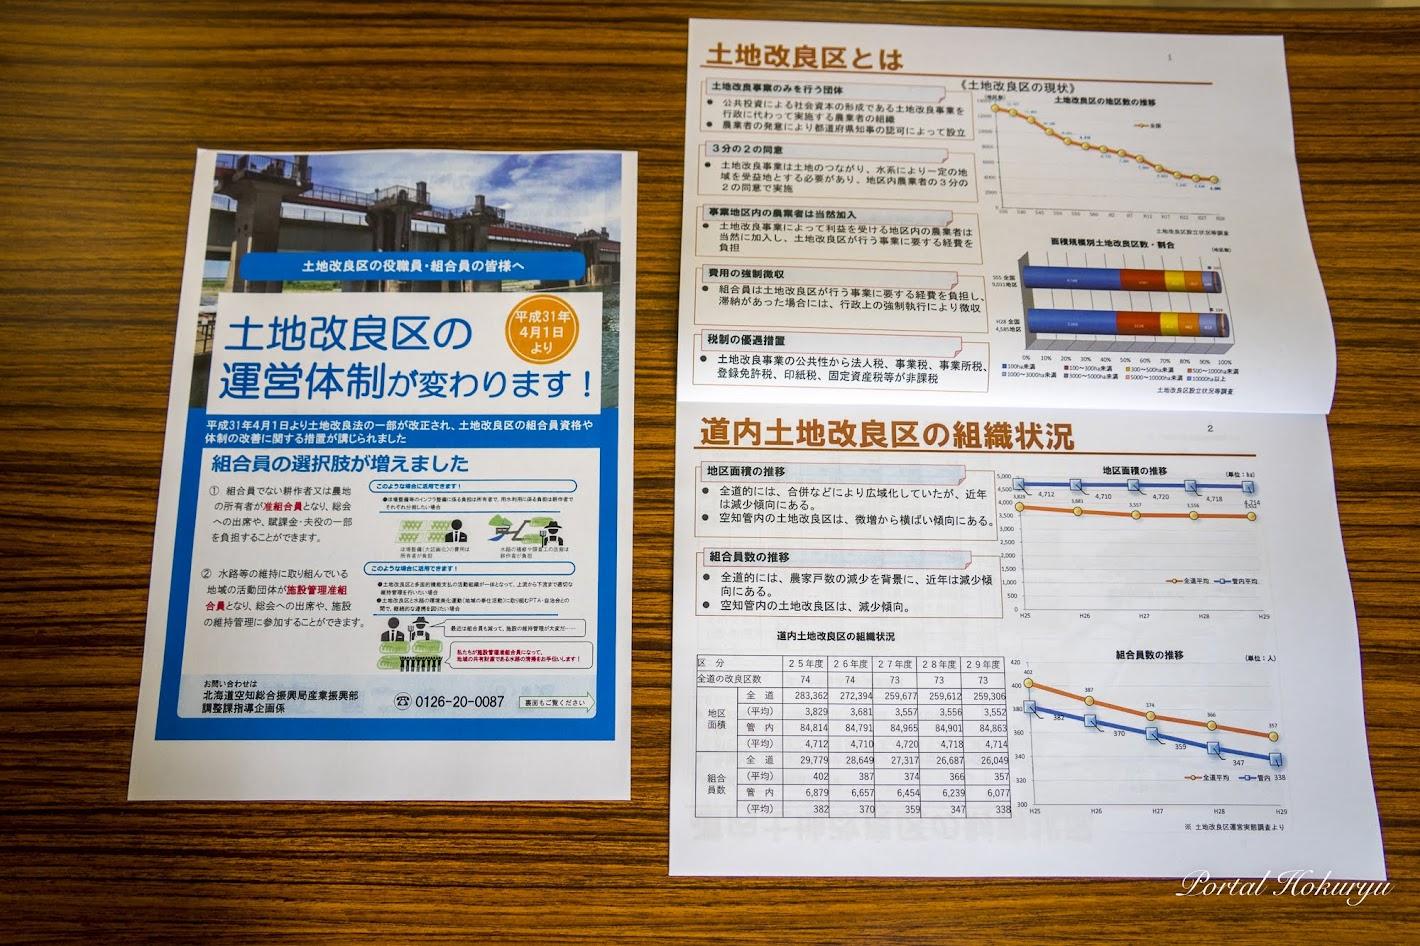 地改良区の運営関係と昨年改正された土地改良法について